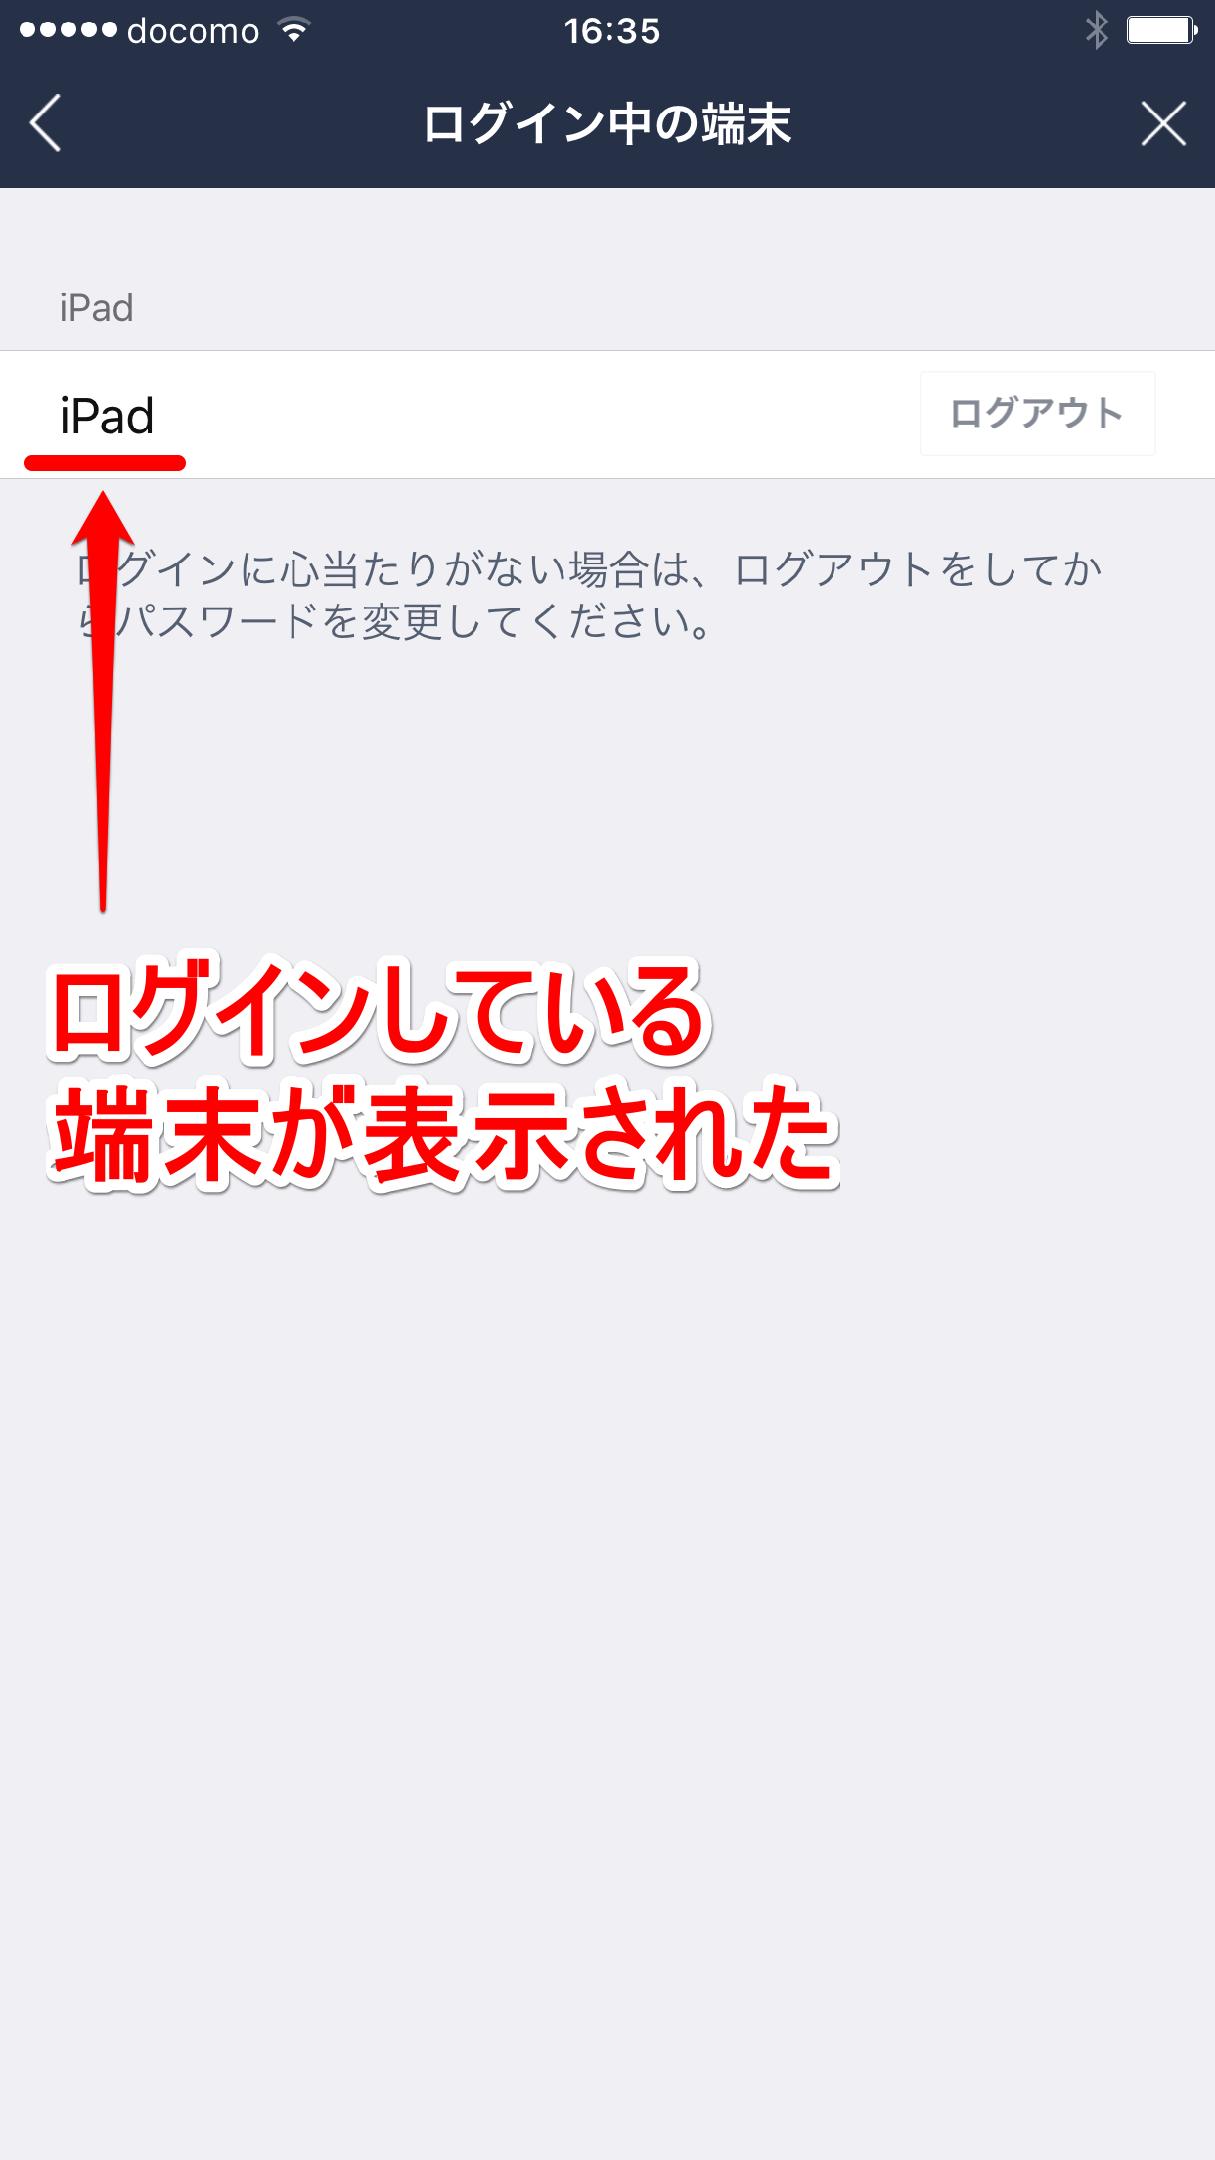 [ログイン中の端末]画面を表示する